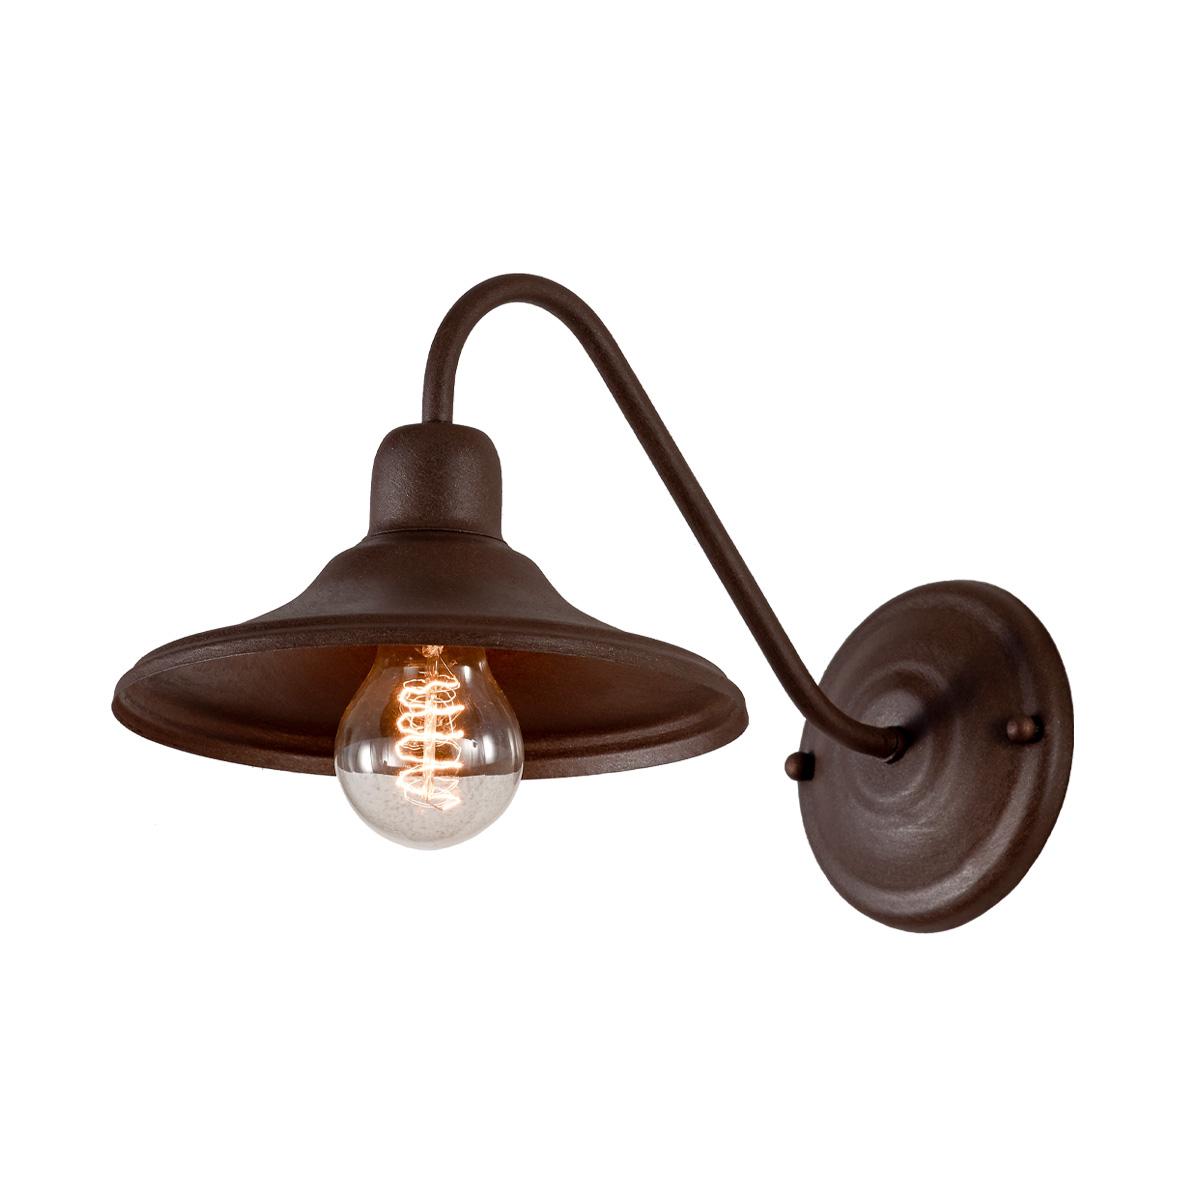 Απλίκα ρουστίκ σε καφέ πατίνα ΙΟΣ brown patinated rustic wall lamp